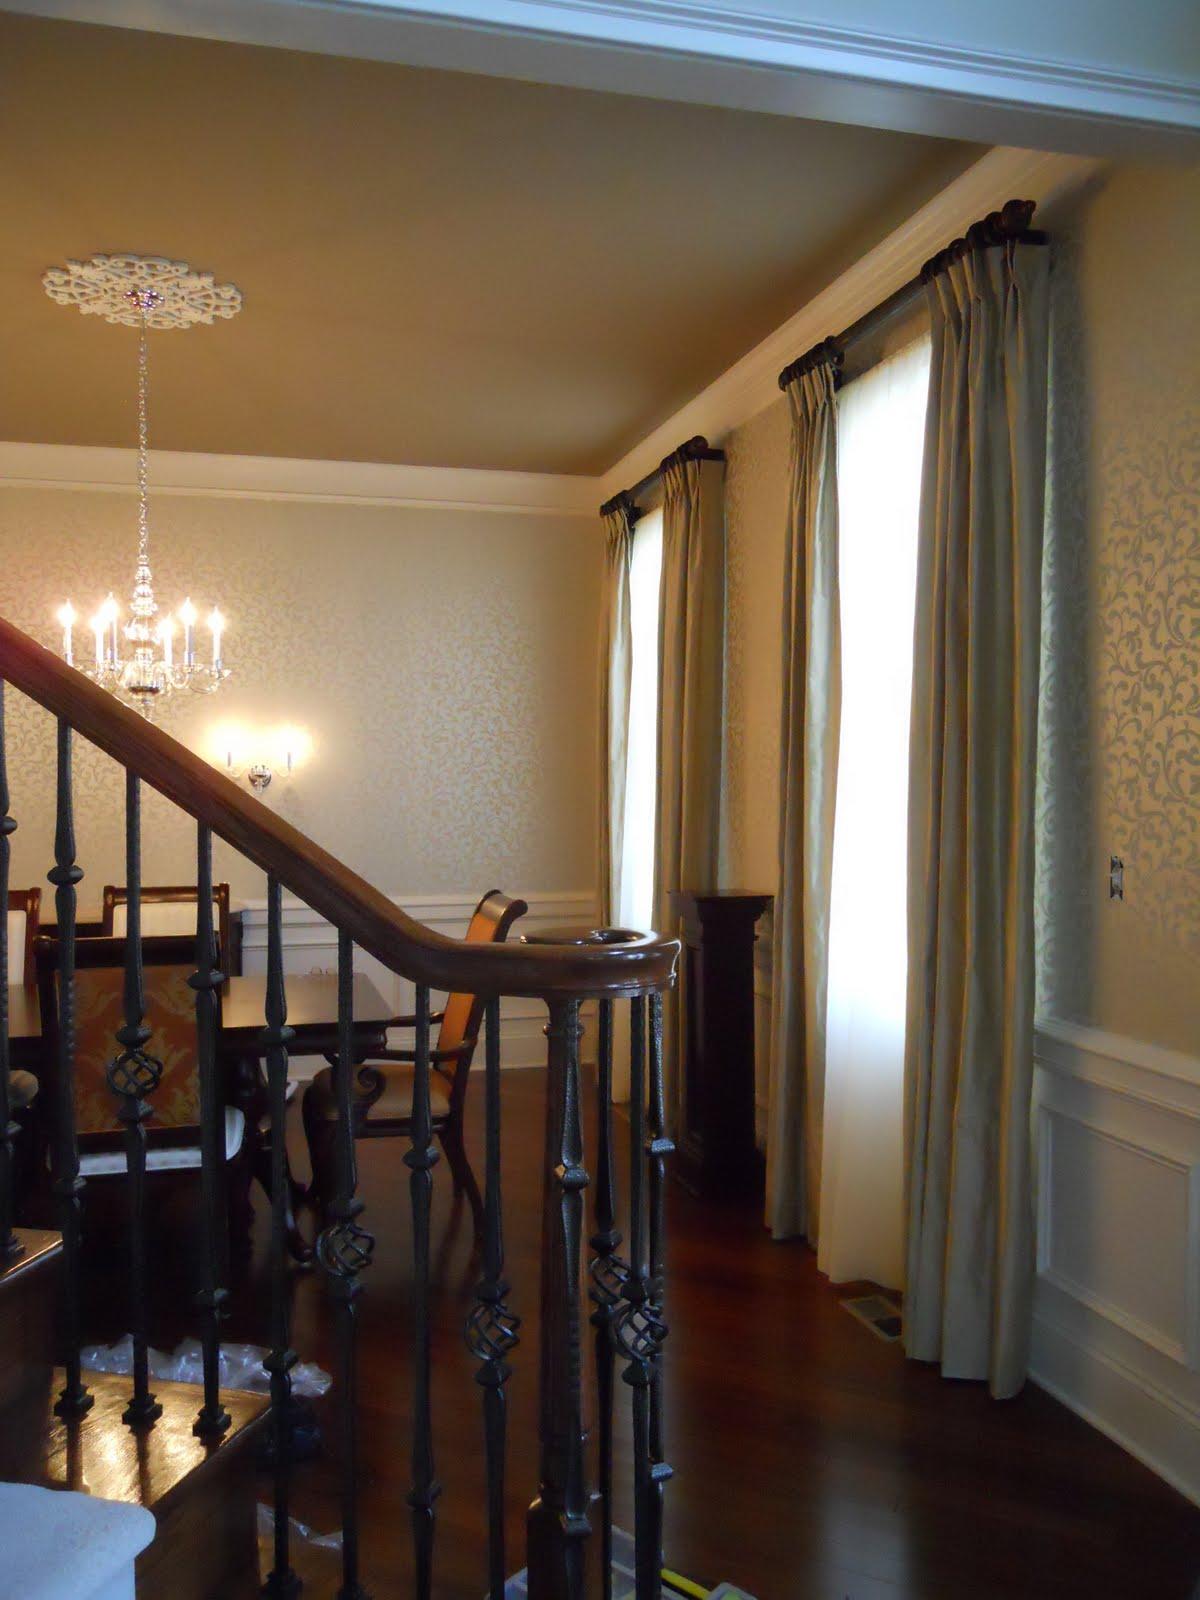 hd wallpapers hd Wallpaper Ideas For Foyer 1200x1600